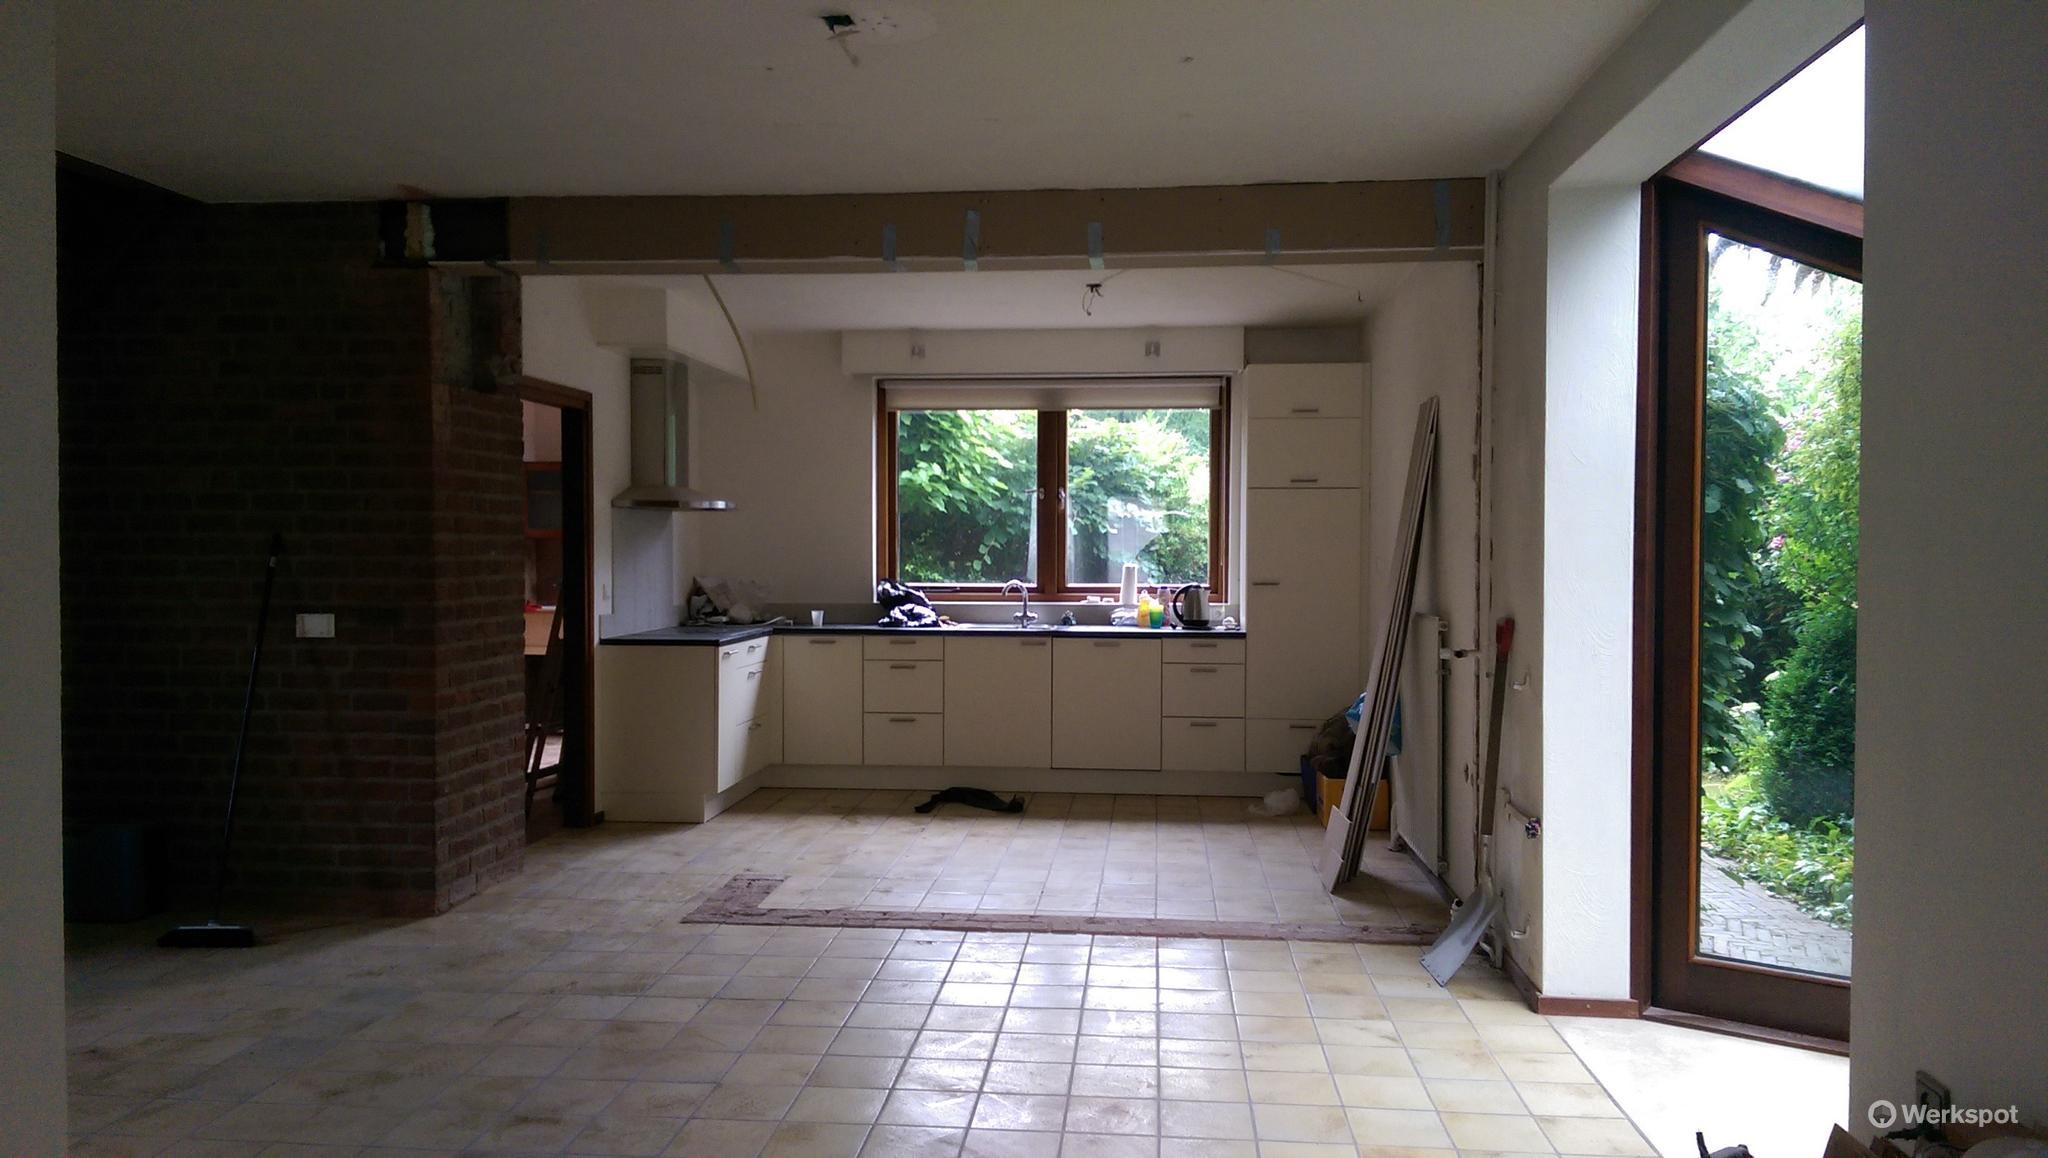 Dragende muur tussen woonkamer en keuken weghalen en